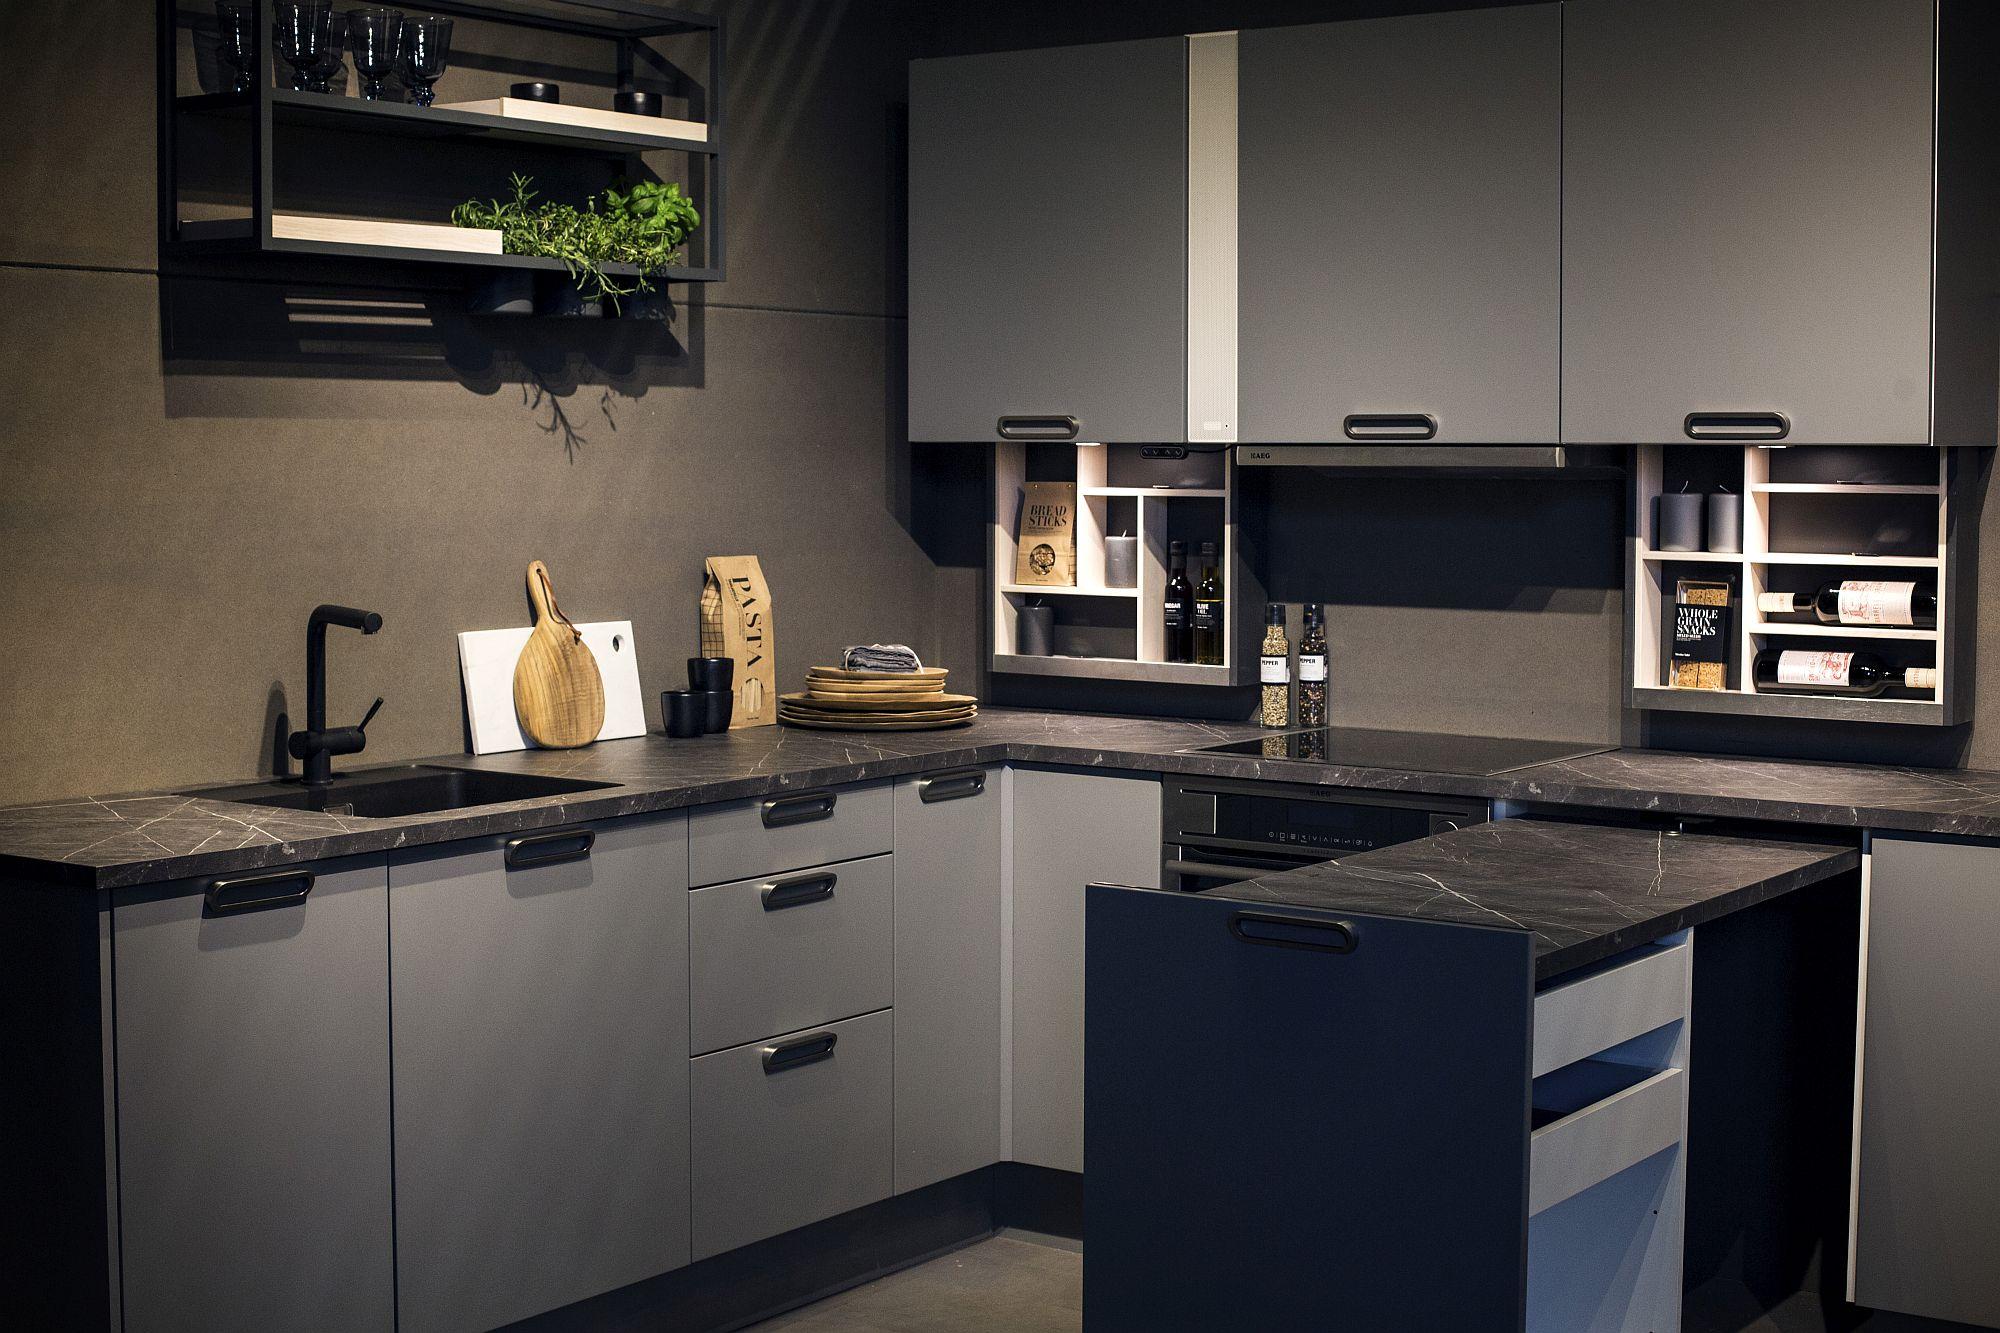 Rozložení Kuchyně Zajímavé Možnosti Designu Pro Malý